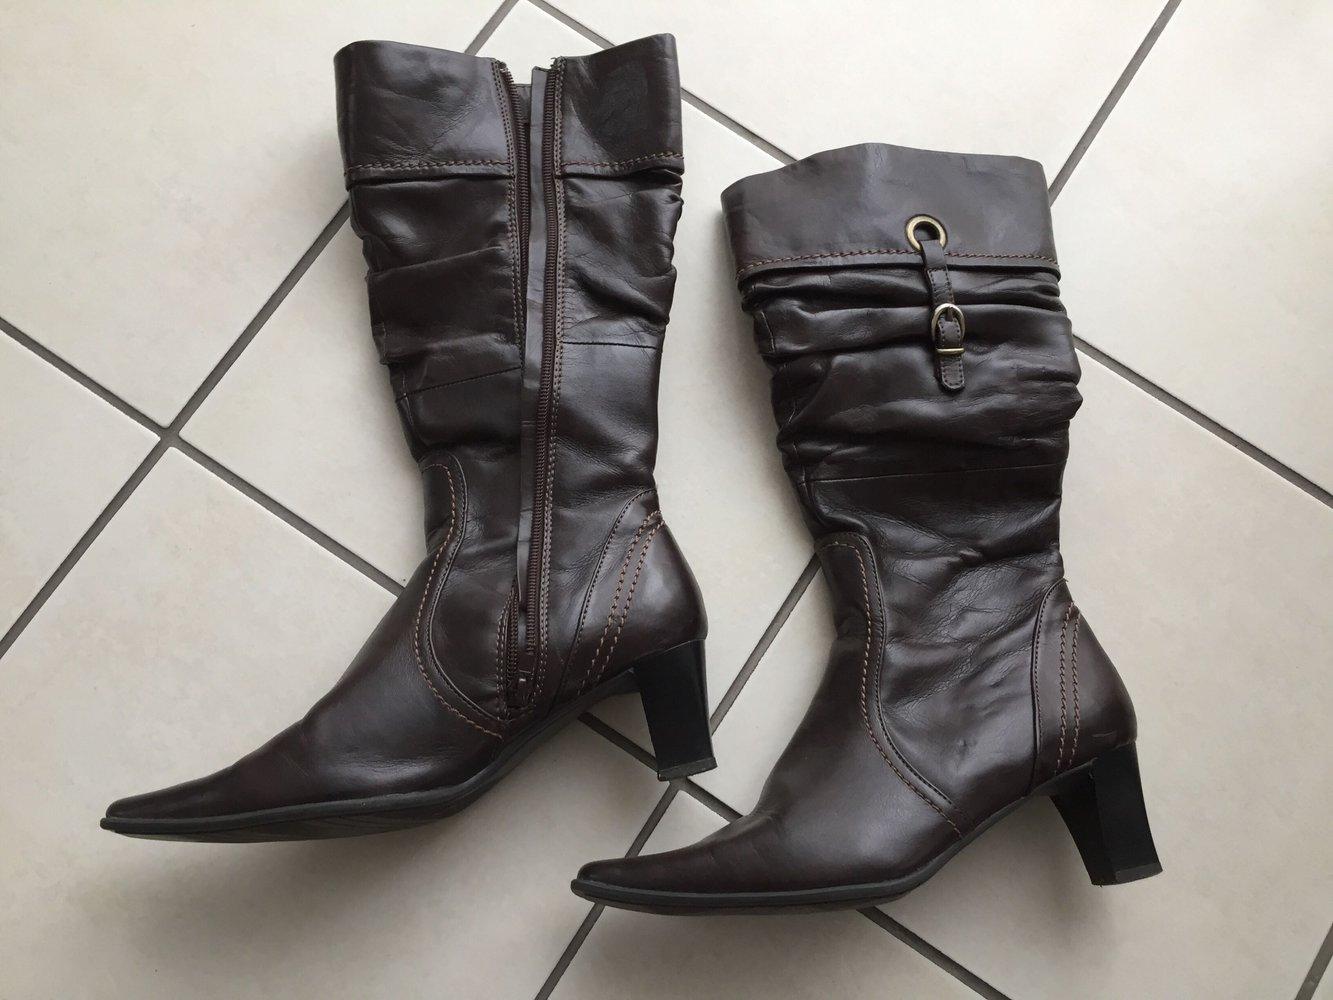 95a942e4cecef4 ... Schicke Stiefel dunkelbraun Vintage Schuhe Stiefel mit Reißverschluss 38  .